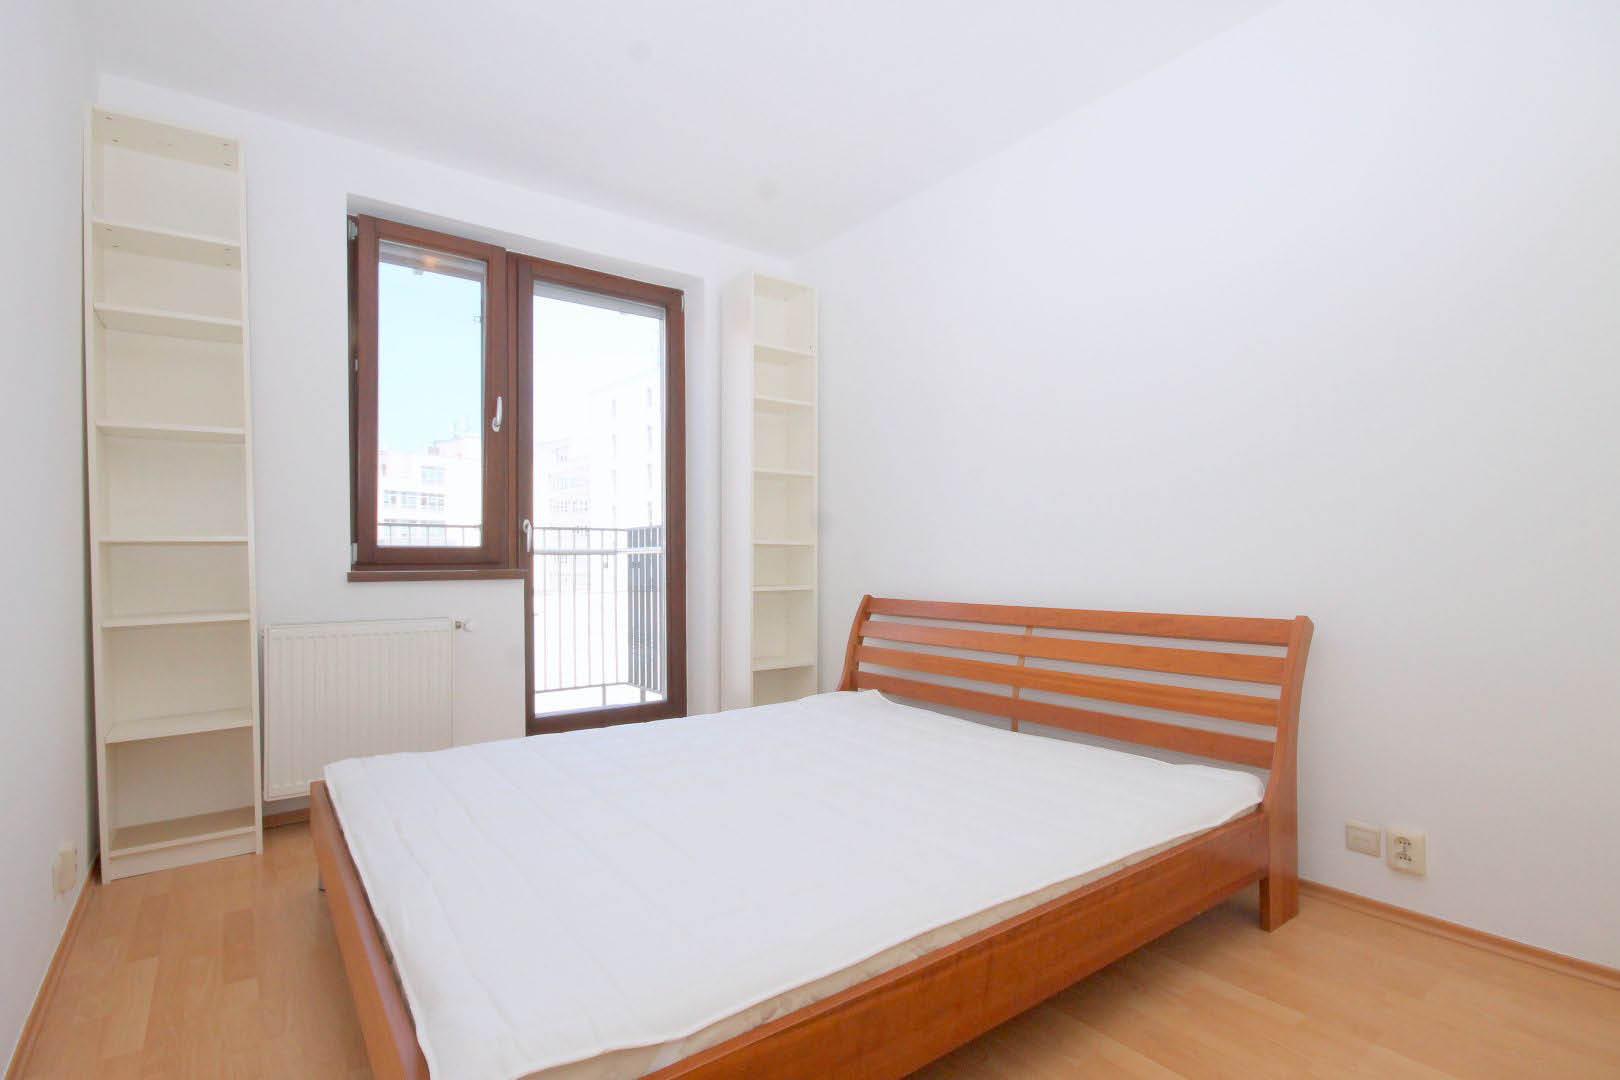 PRENAJATÉ   3 izbový byt   Kováčska, Bratislava